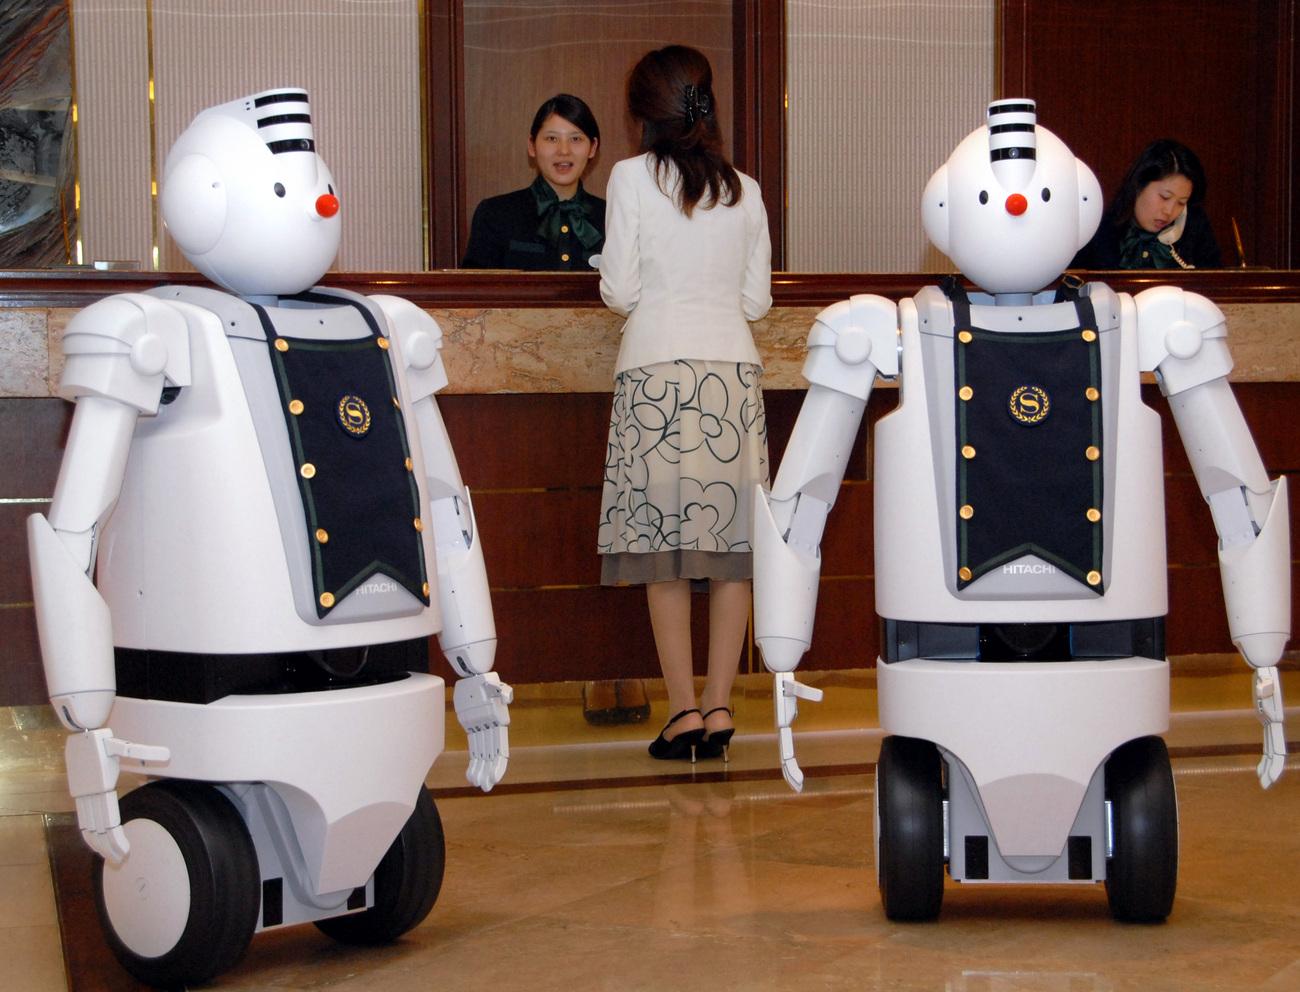 rencontres robots Japon QwaQwa site de rencontre